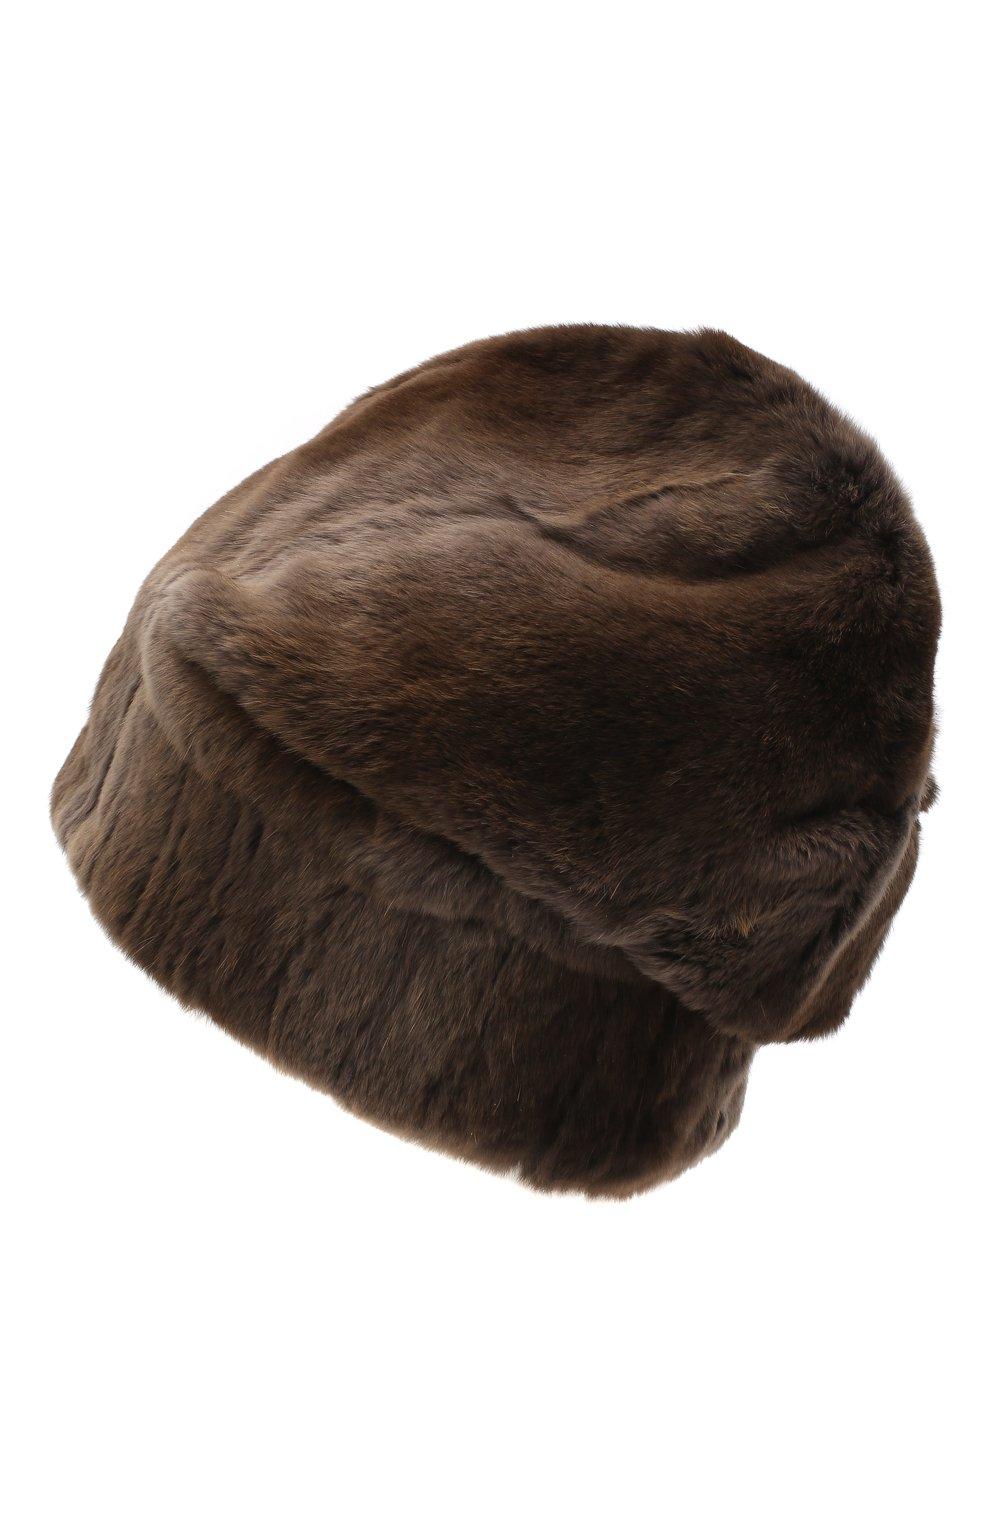 Мужская шапка из меха колонка FURLAND коричневого цвета, арт. 0105108150070200000 | Фото 2